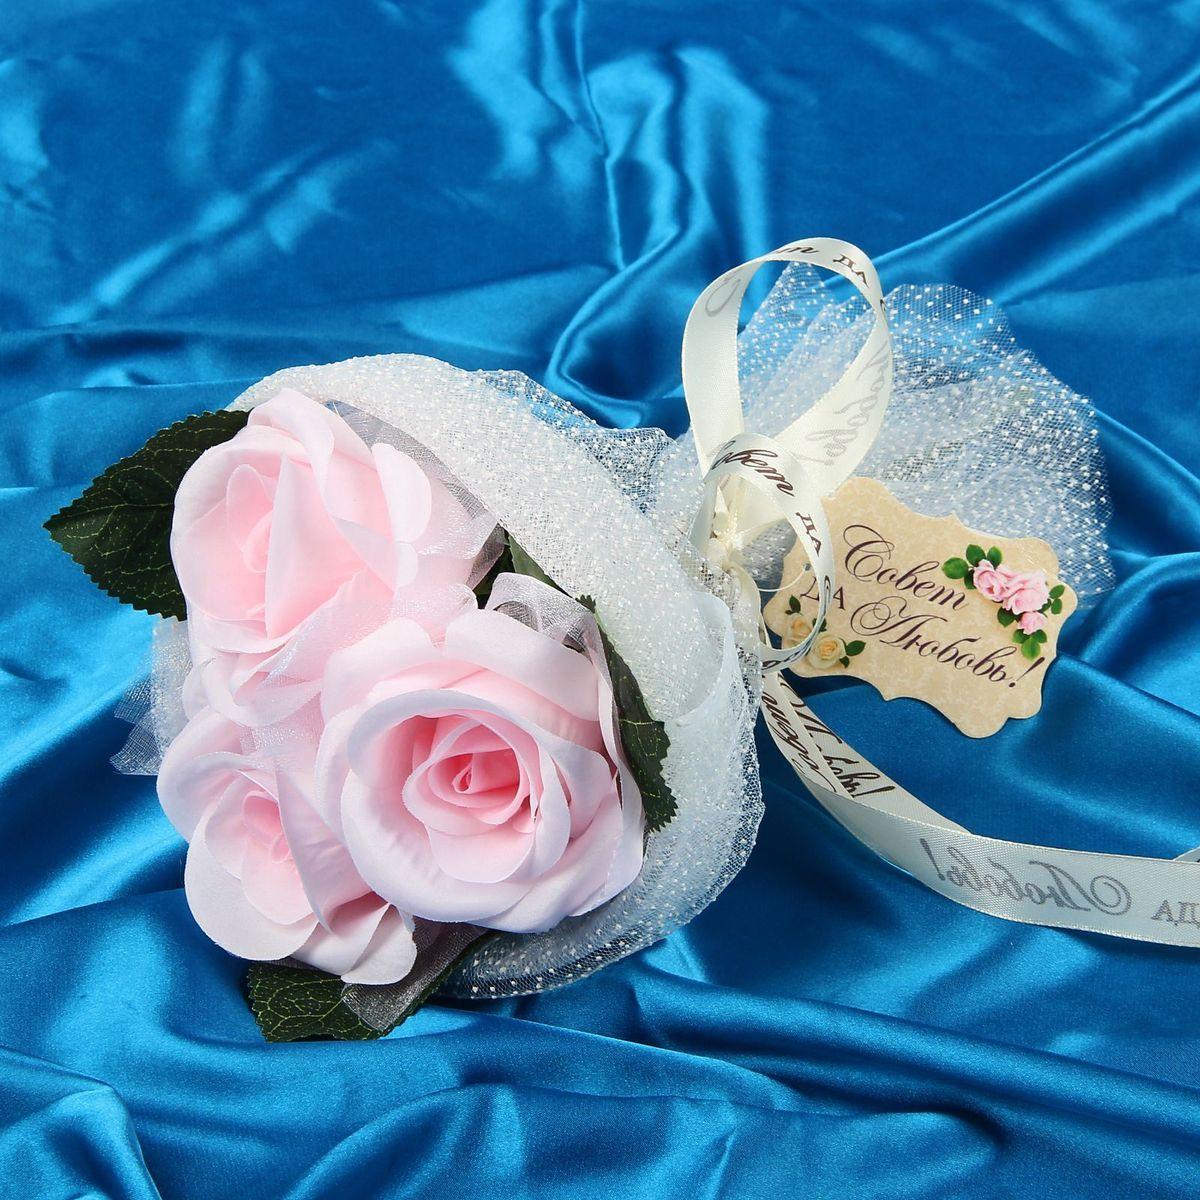 Букет-дублер Sima-land Воздушность розы, цвет: розовый1212633Свадьба — одно из главных событий в жизни человека. В такой день всё должно быть безупречно, особенно букет невесты. Но кидать, по старой традиции, цветочную композицию подругам не всегда удобно, и на помощь приходит букет-дублер Воздушность розы — красивый и яркий аксессуар. Стебли оформлены лентой с надписью Совет да любовь. Букет дополнен шильдом с тёплым пожеланием. После торжества он украсит любой интерьер, ведь нежные цветы из текстиля не завянут и не помнутся.